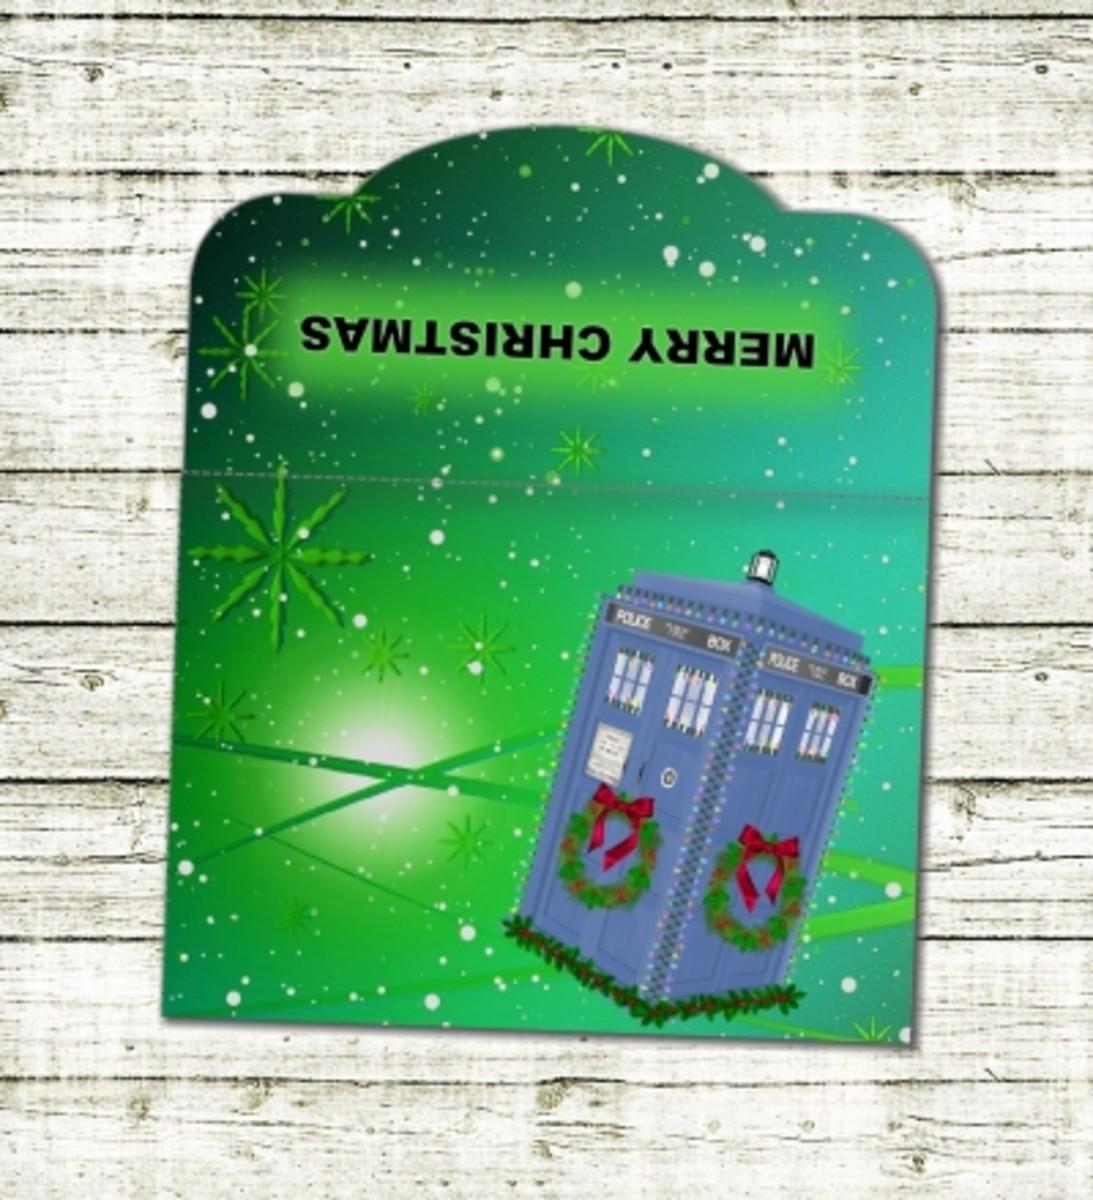 Printable Dr Who tardis Christmas money wallet